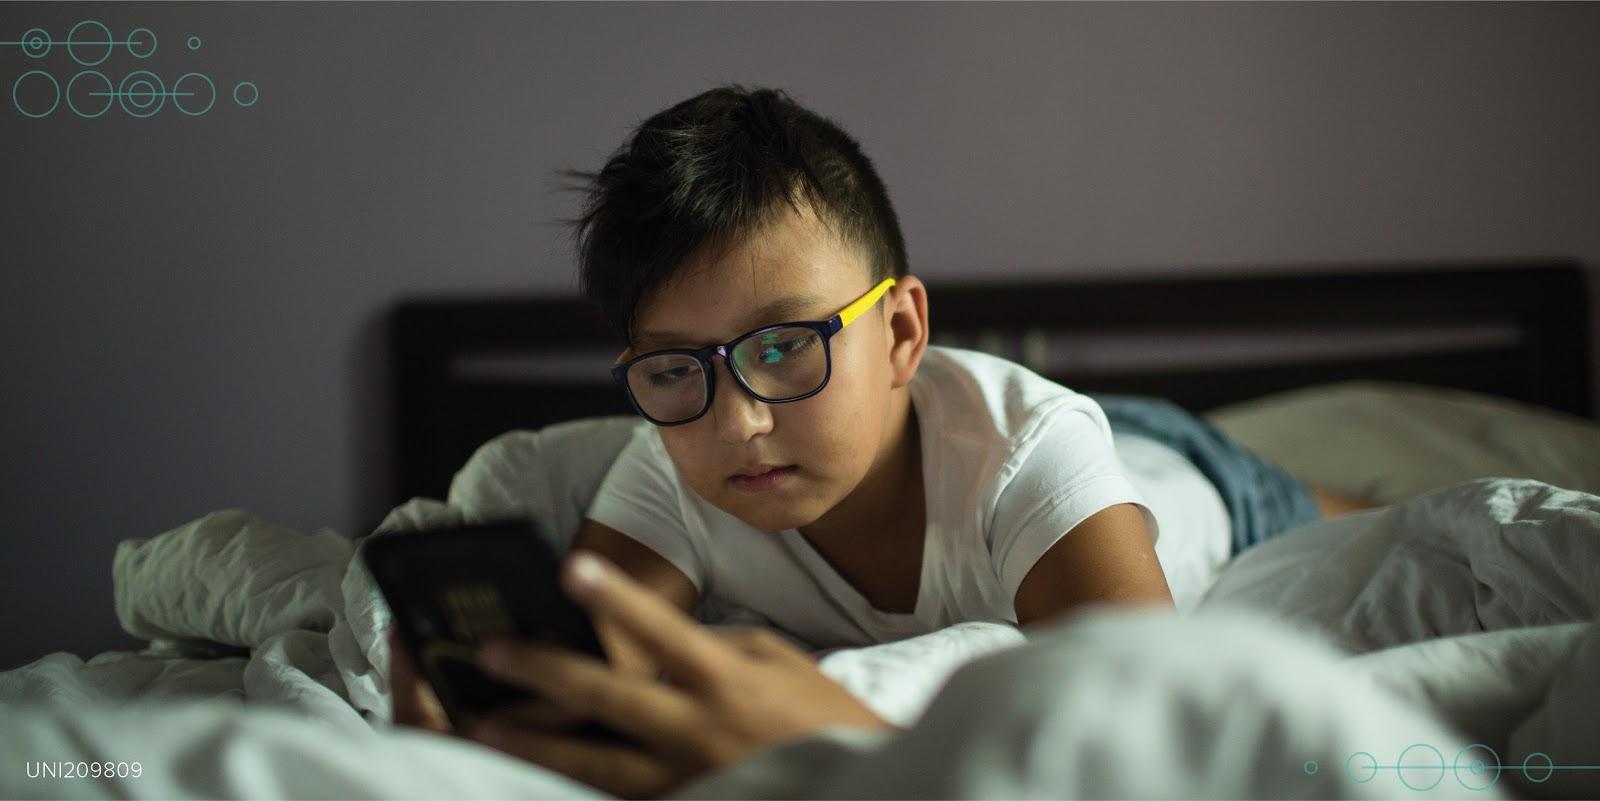 Ministerio de Educación, CHS Alternativo y Movistar se unen para promover la seguridad digital de las niñas, niños y adolescentes